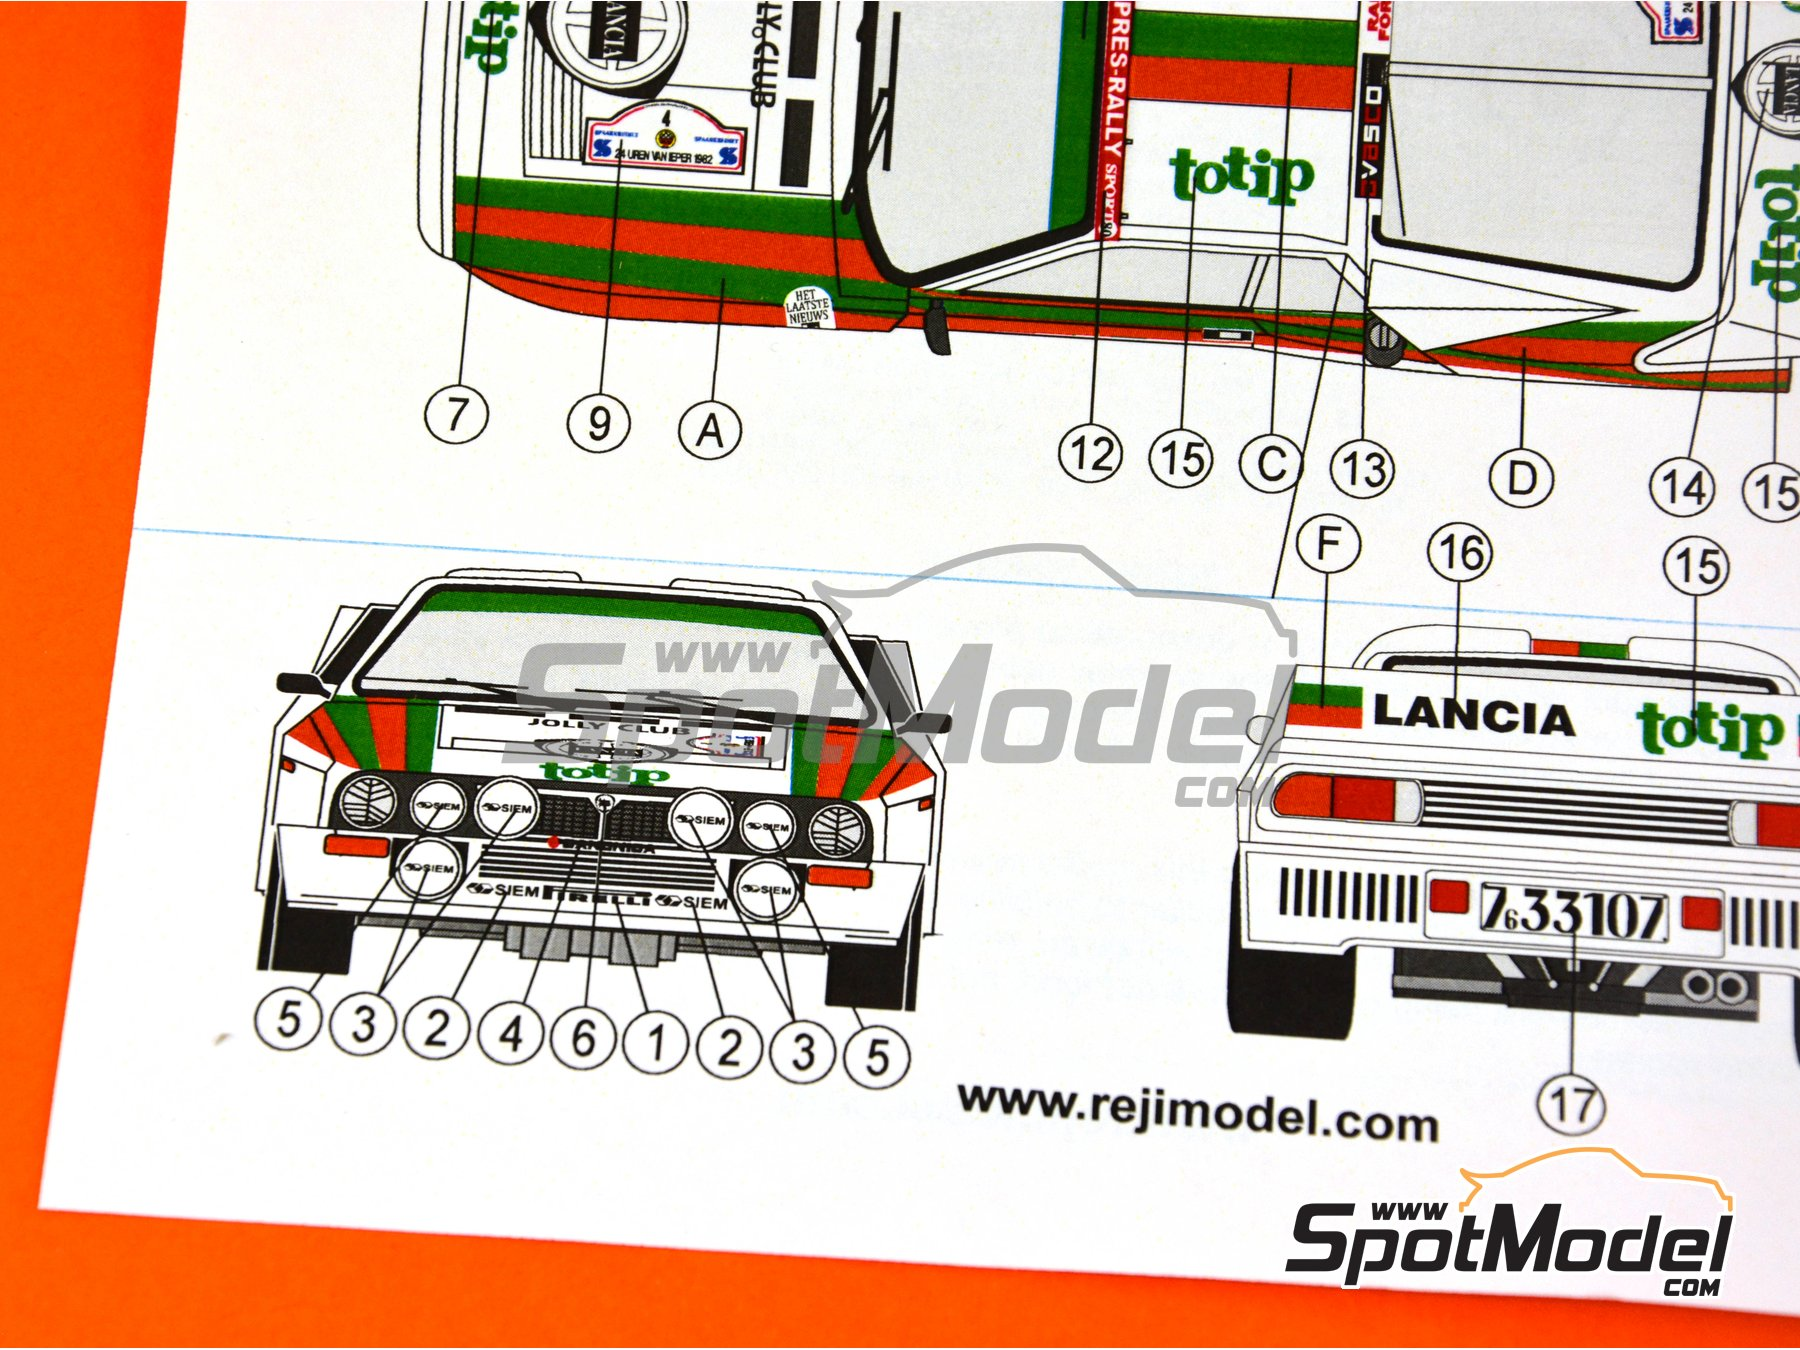 Image 16: Lancia 037 WRC Totip - Rally de Ypres de Belgica 1982 | Decoración en escala1/24 fabricado por Reji Model (ref.REJI-234)